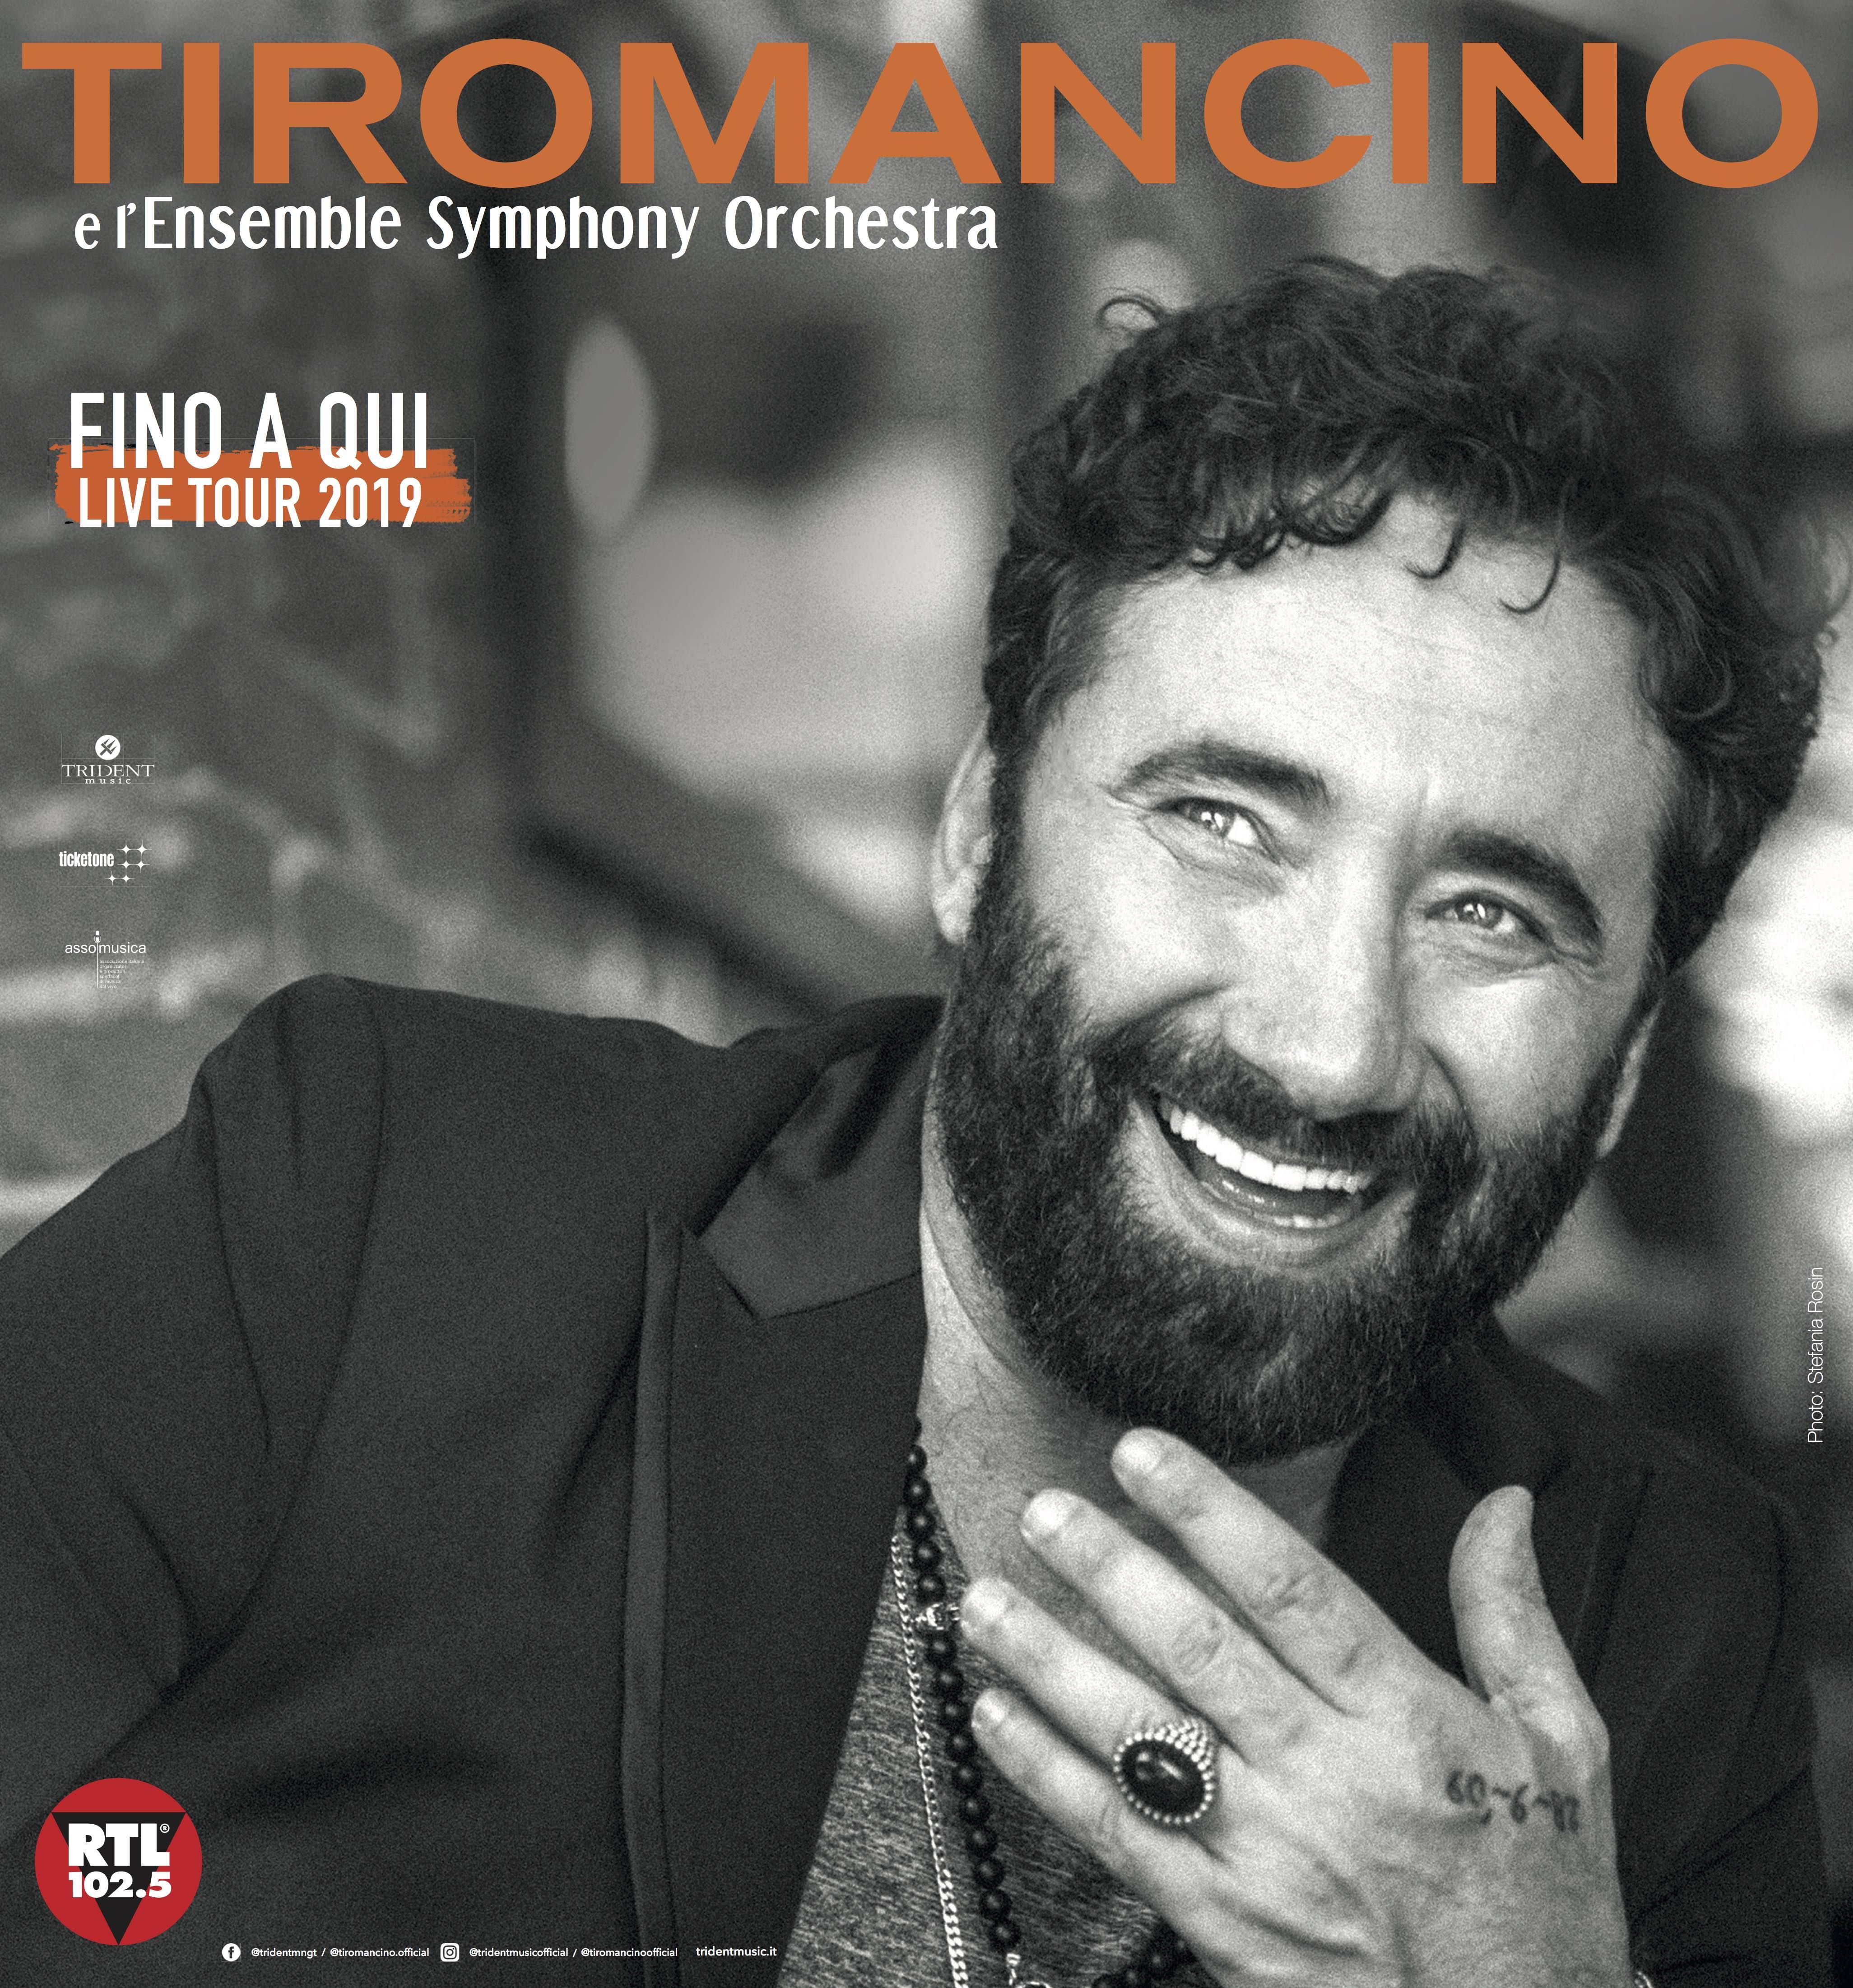 Parco di Belloluogo, Lecce – 01 Agosto 2019 – Tiromancino e l'Ensemble Symphony Orchestra